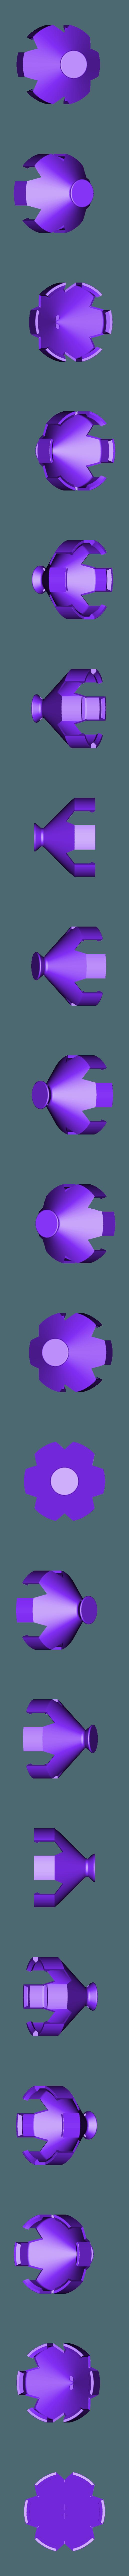 BottomAdapter.stl Télécharger fichier STL gratuit Gatorade Bottle Project : De l'octaèdre au cube / hexagone ou vice versa, les duos de Platon • Objet pour impression 3D, LGBU